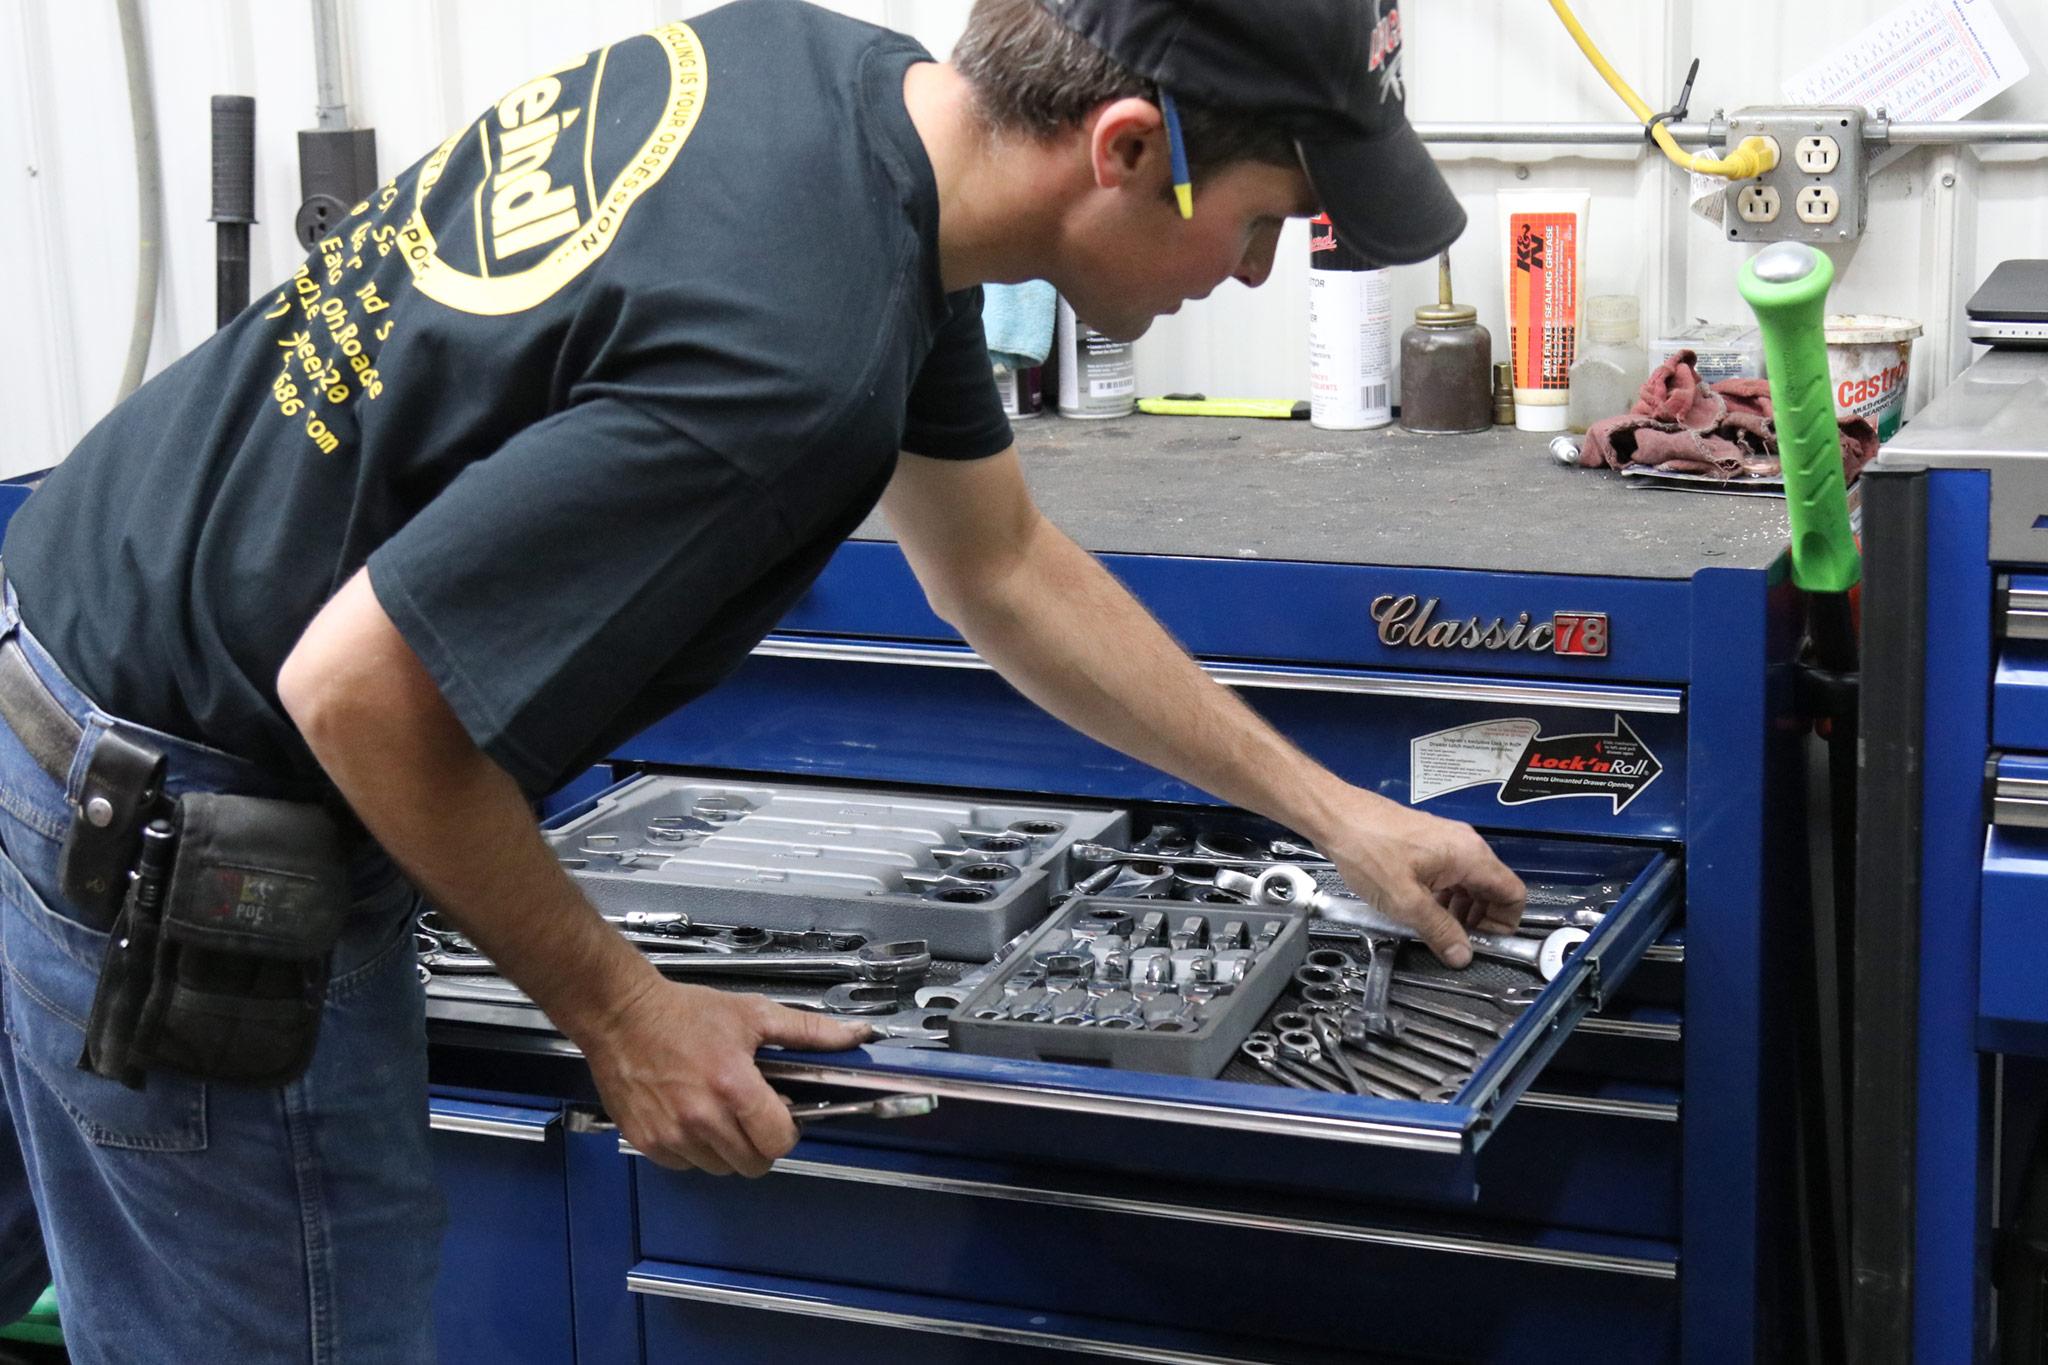 Jon grabbing tools.